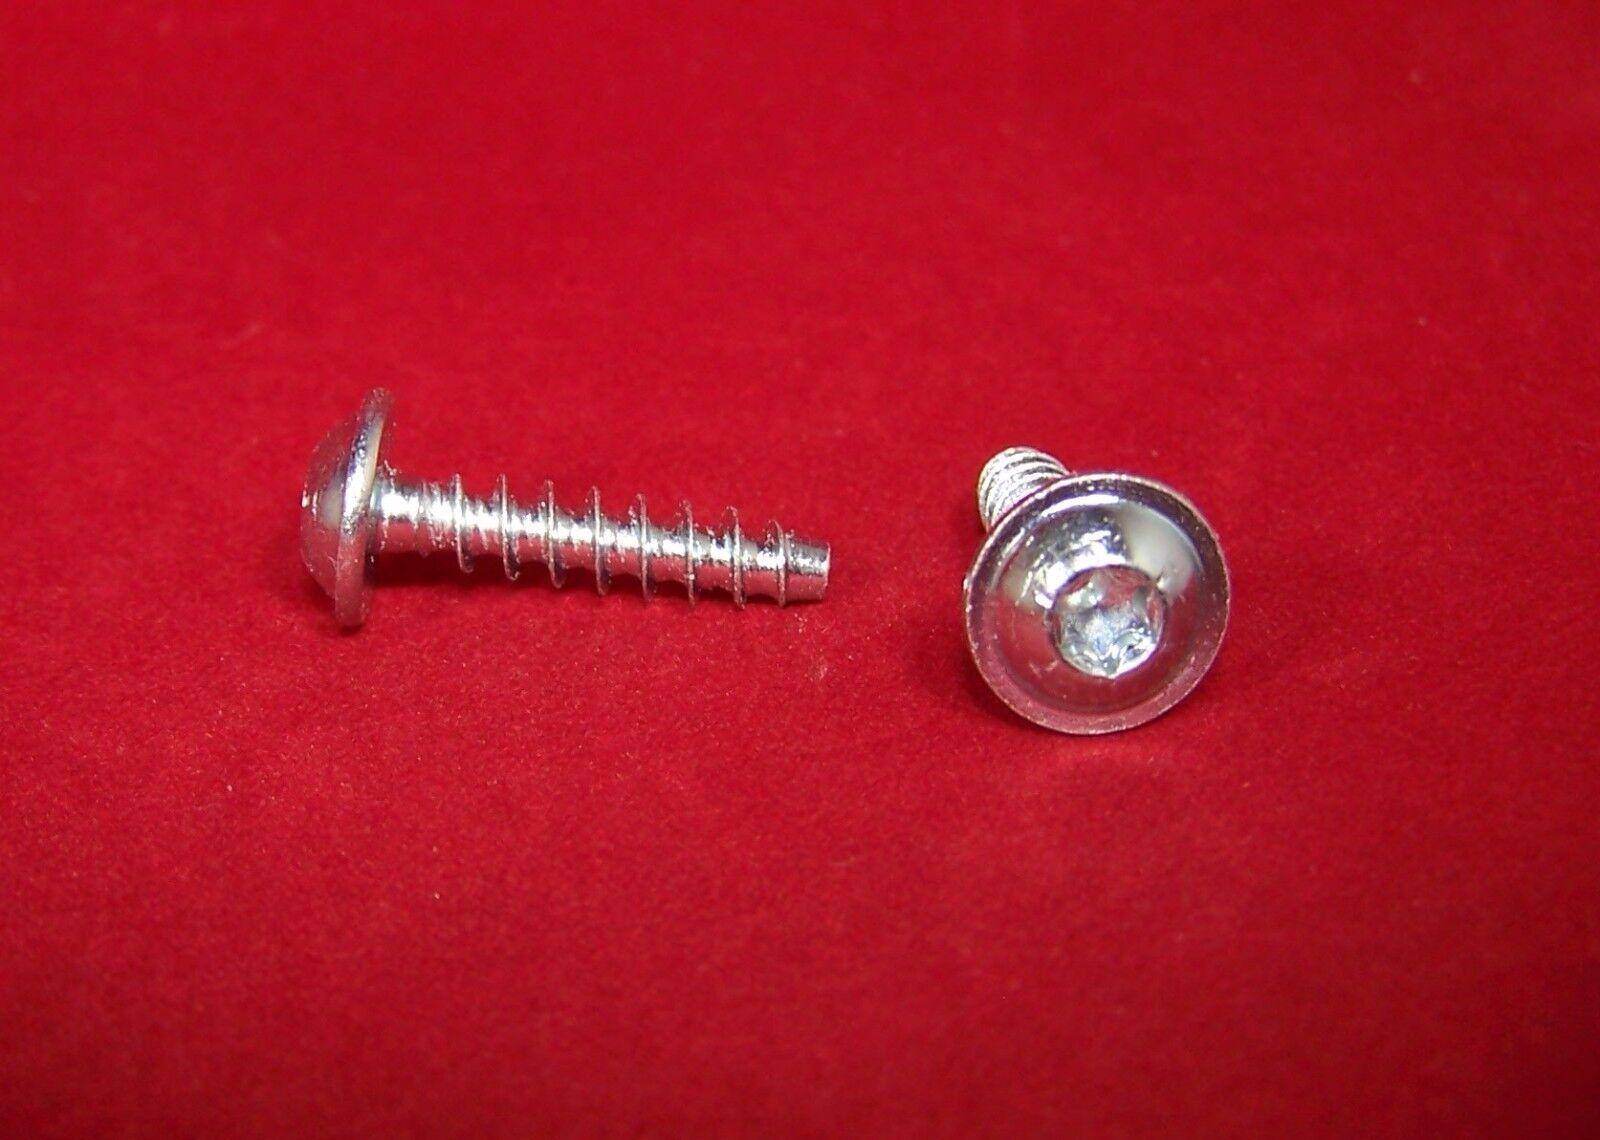 PT Schrauben für Kunststoffe Linsenkopf mit Flansch Edelstahl A2 Ø4,0mm